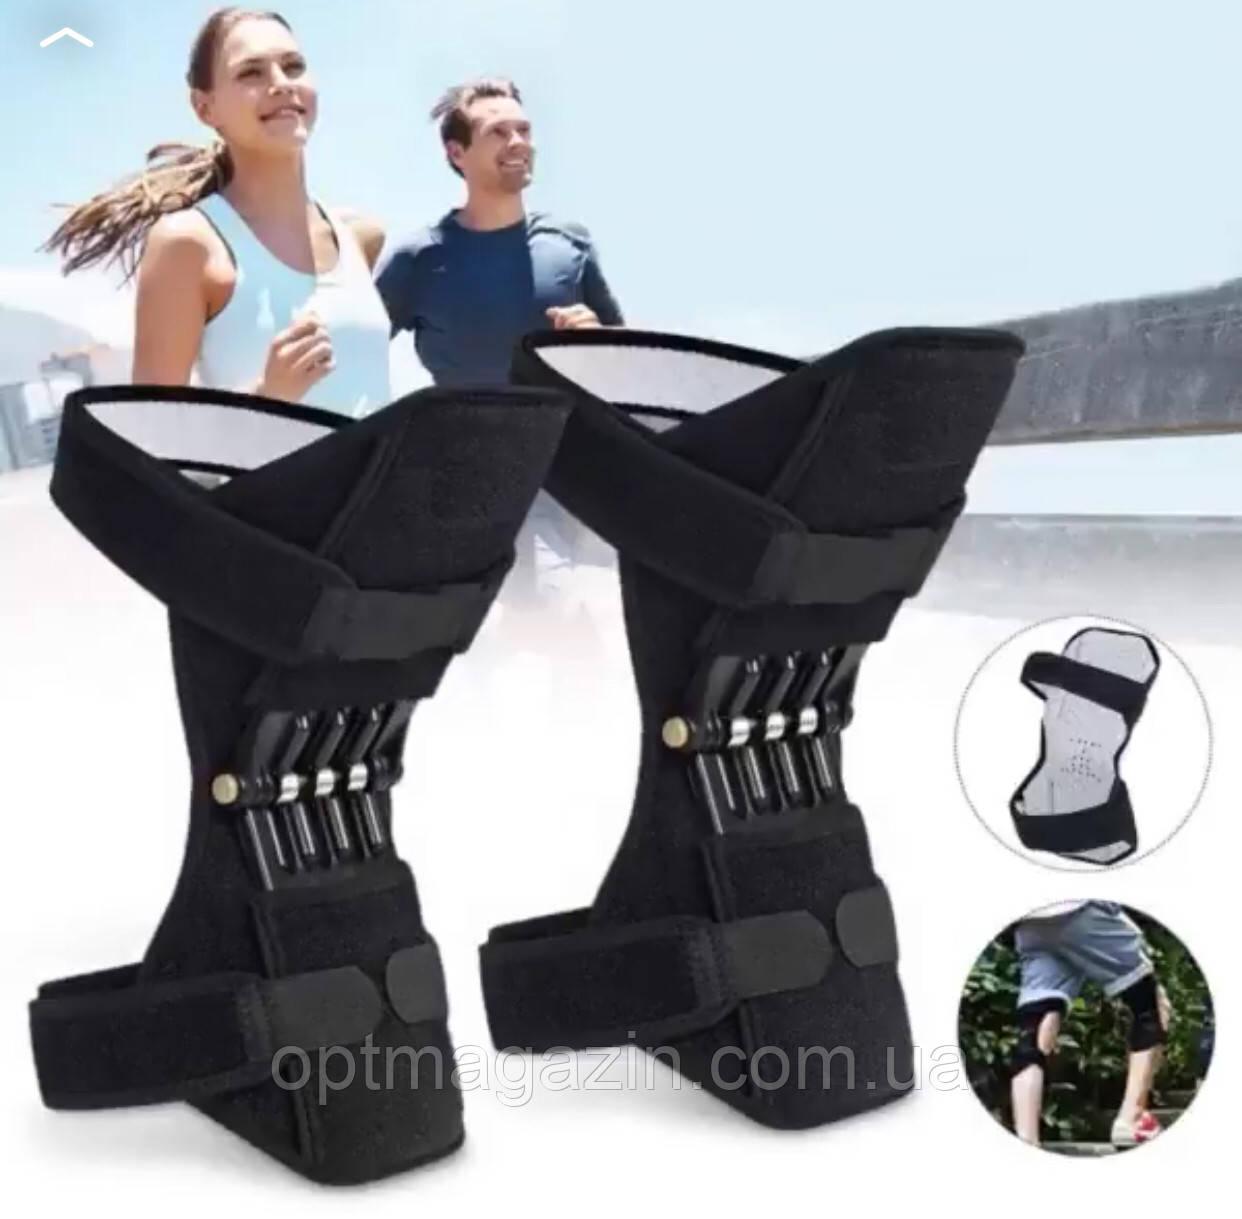 Наколенник Power Knee Defenders\ Пружинные наколенники\ Коленные стабилизаторы